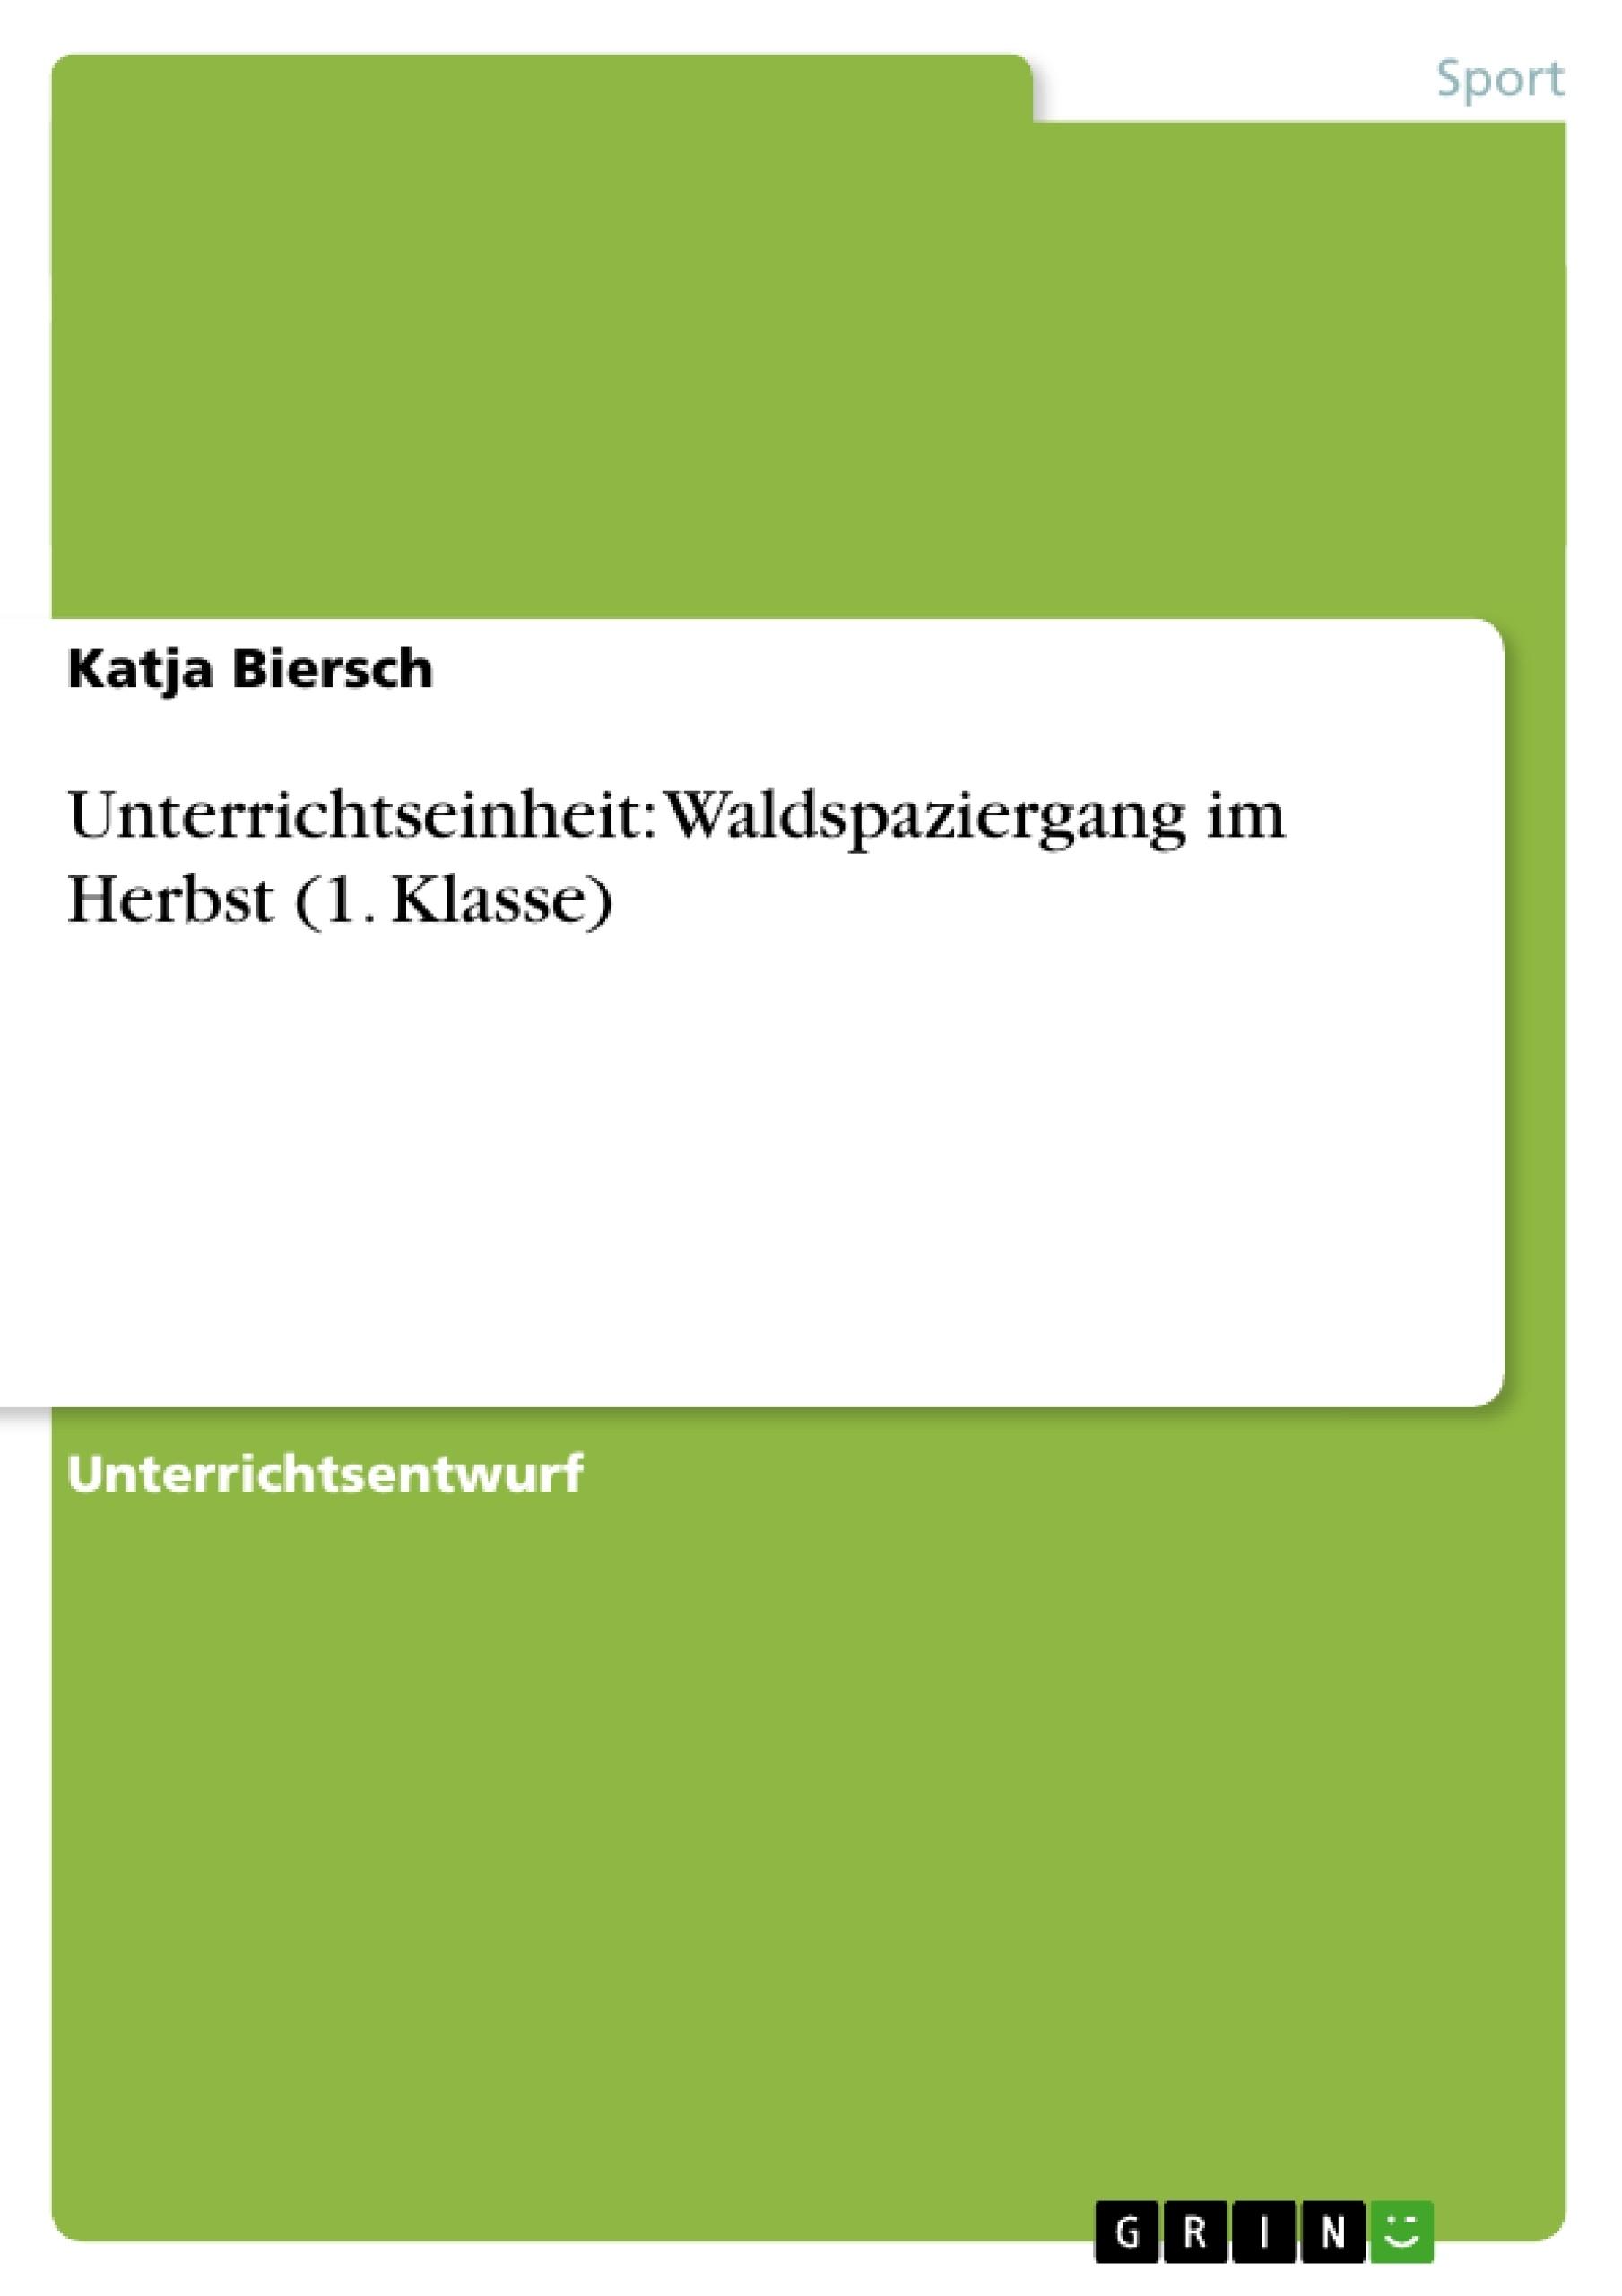 Titel: Unterrichtseinheit: Waldspaziergang im Herbst (1. Klasse)